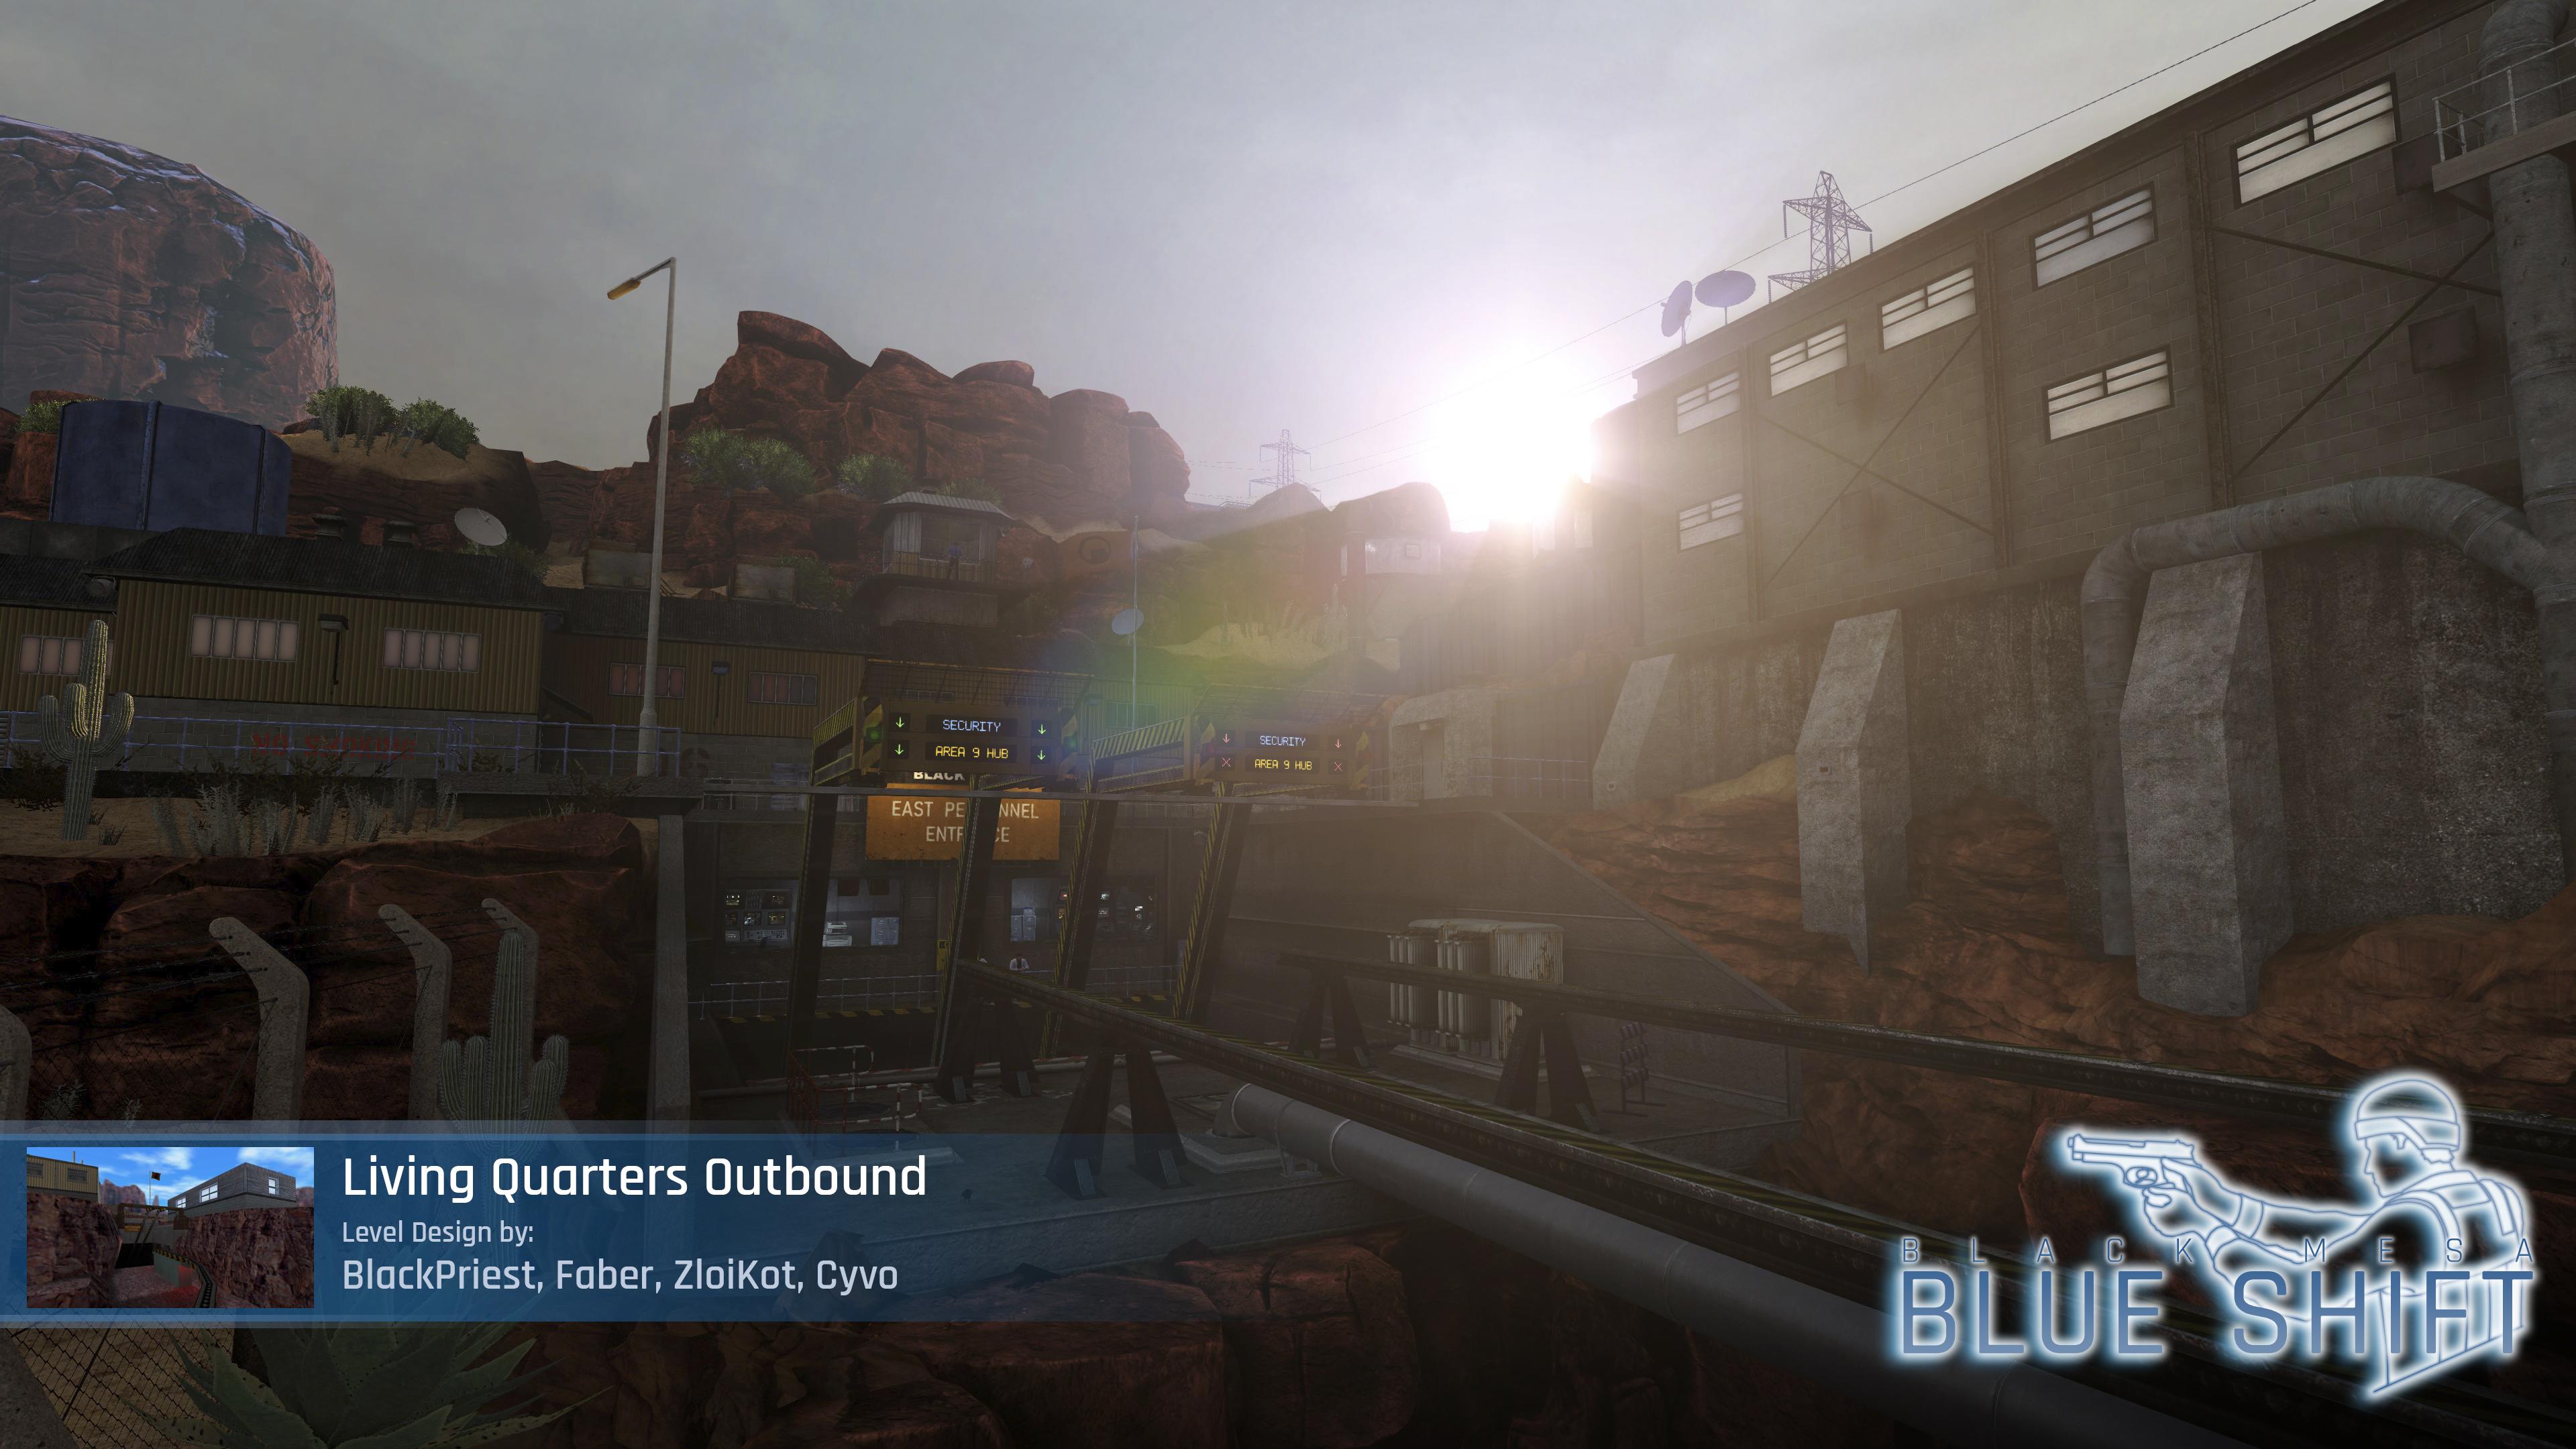 Living Quarters Outbound